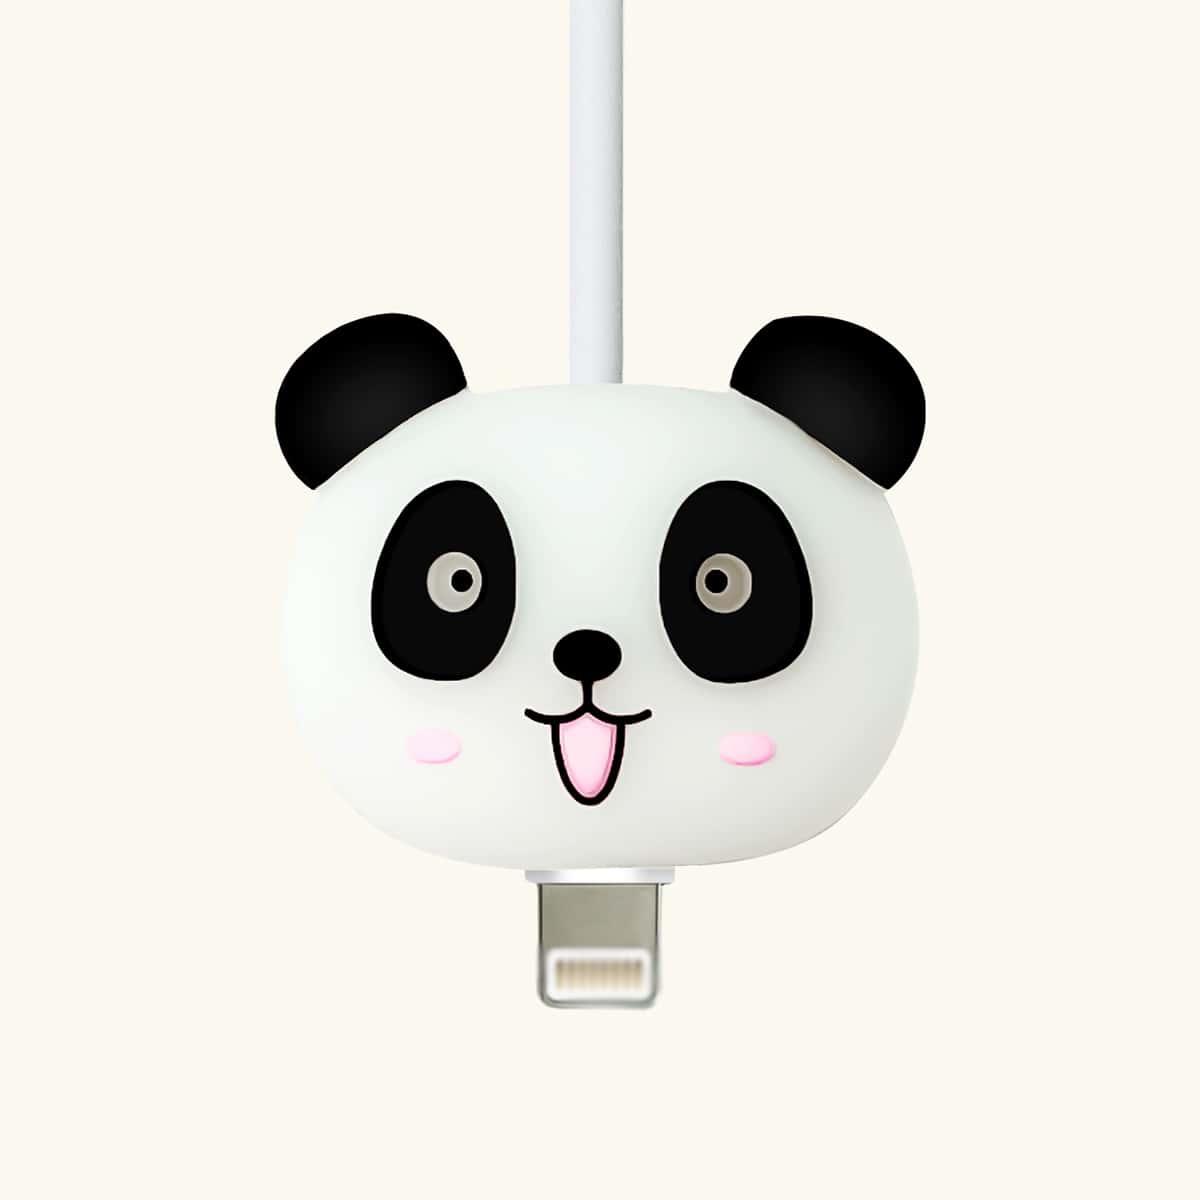 Протектор для кабеля передачи данных в форме панды